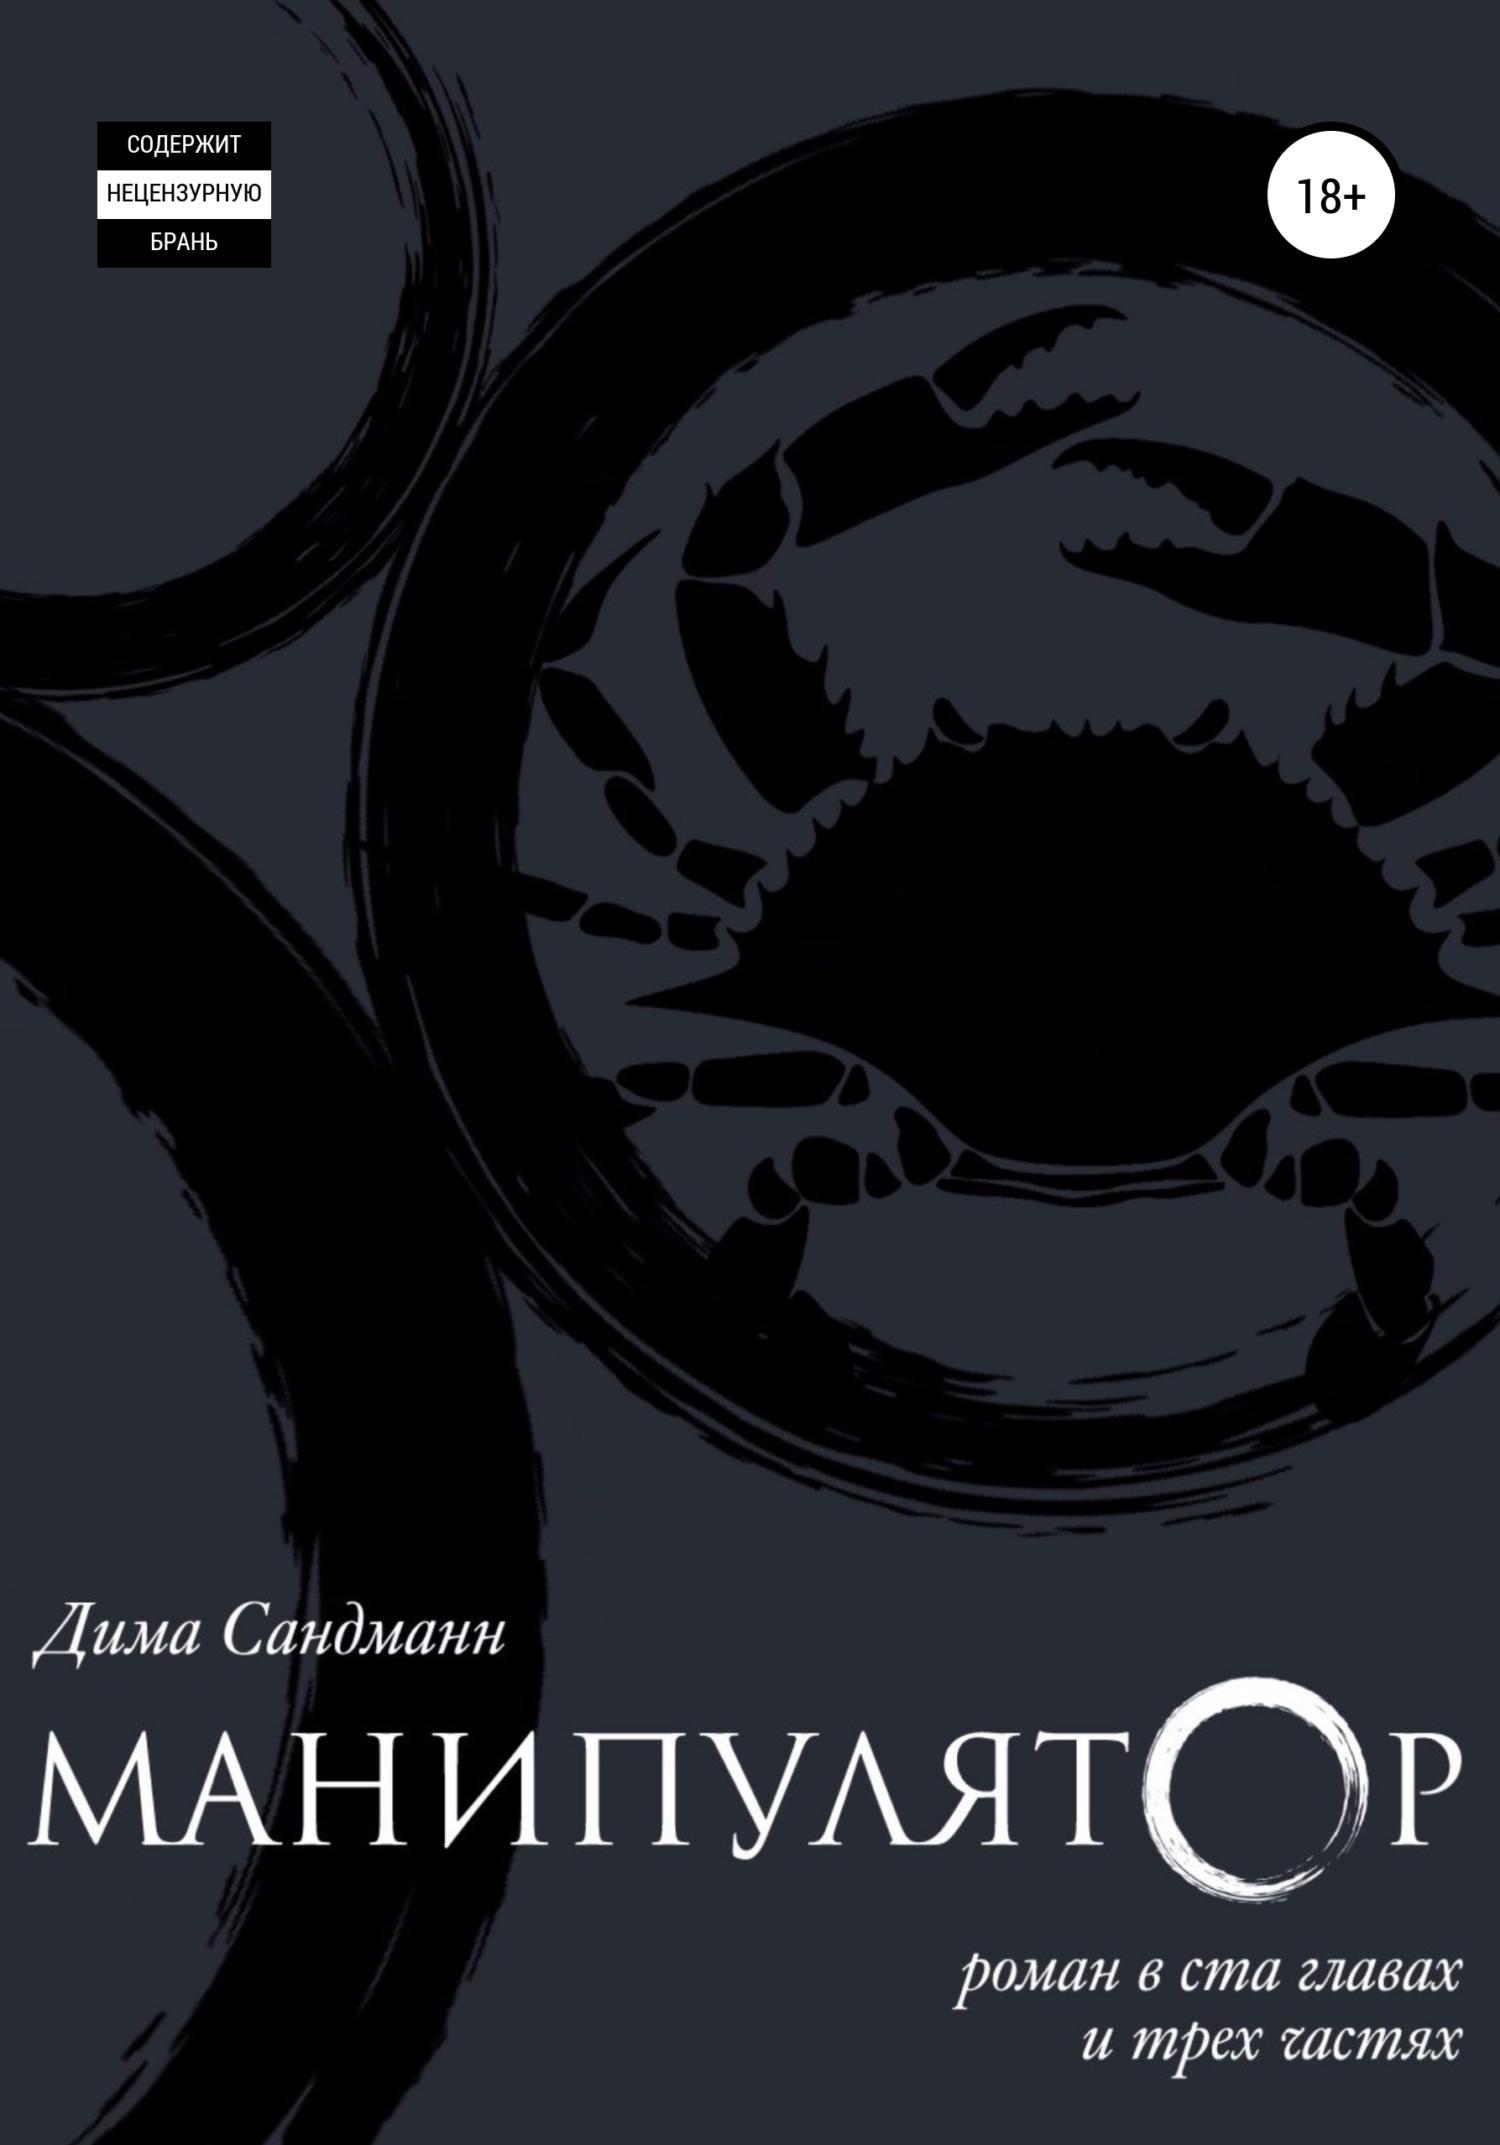 Дима Сандманн Манипулятор. Глава 056 дима сандманн манипулятор глава 009